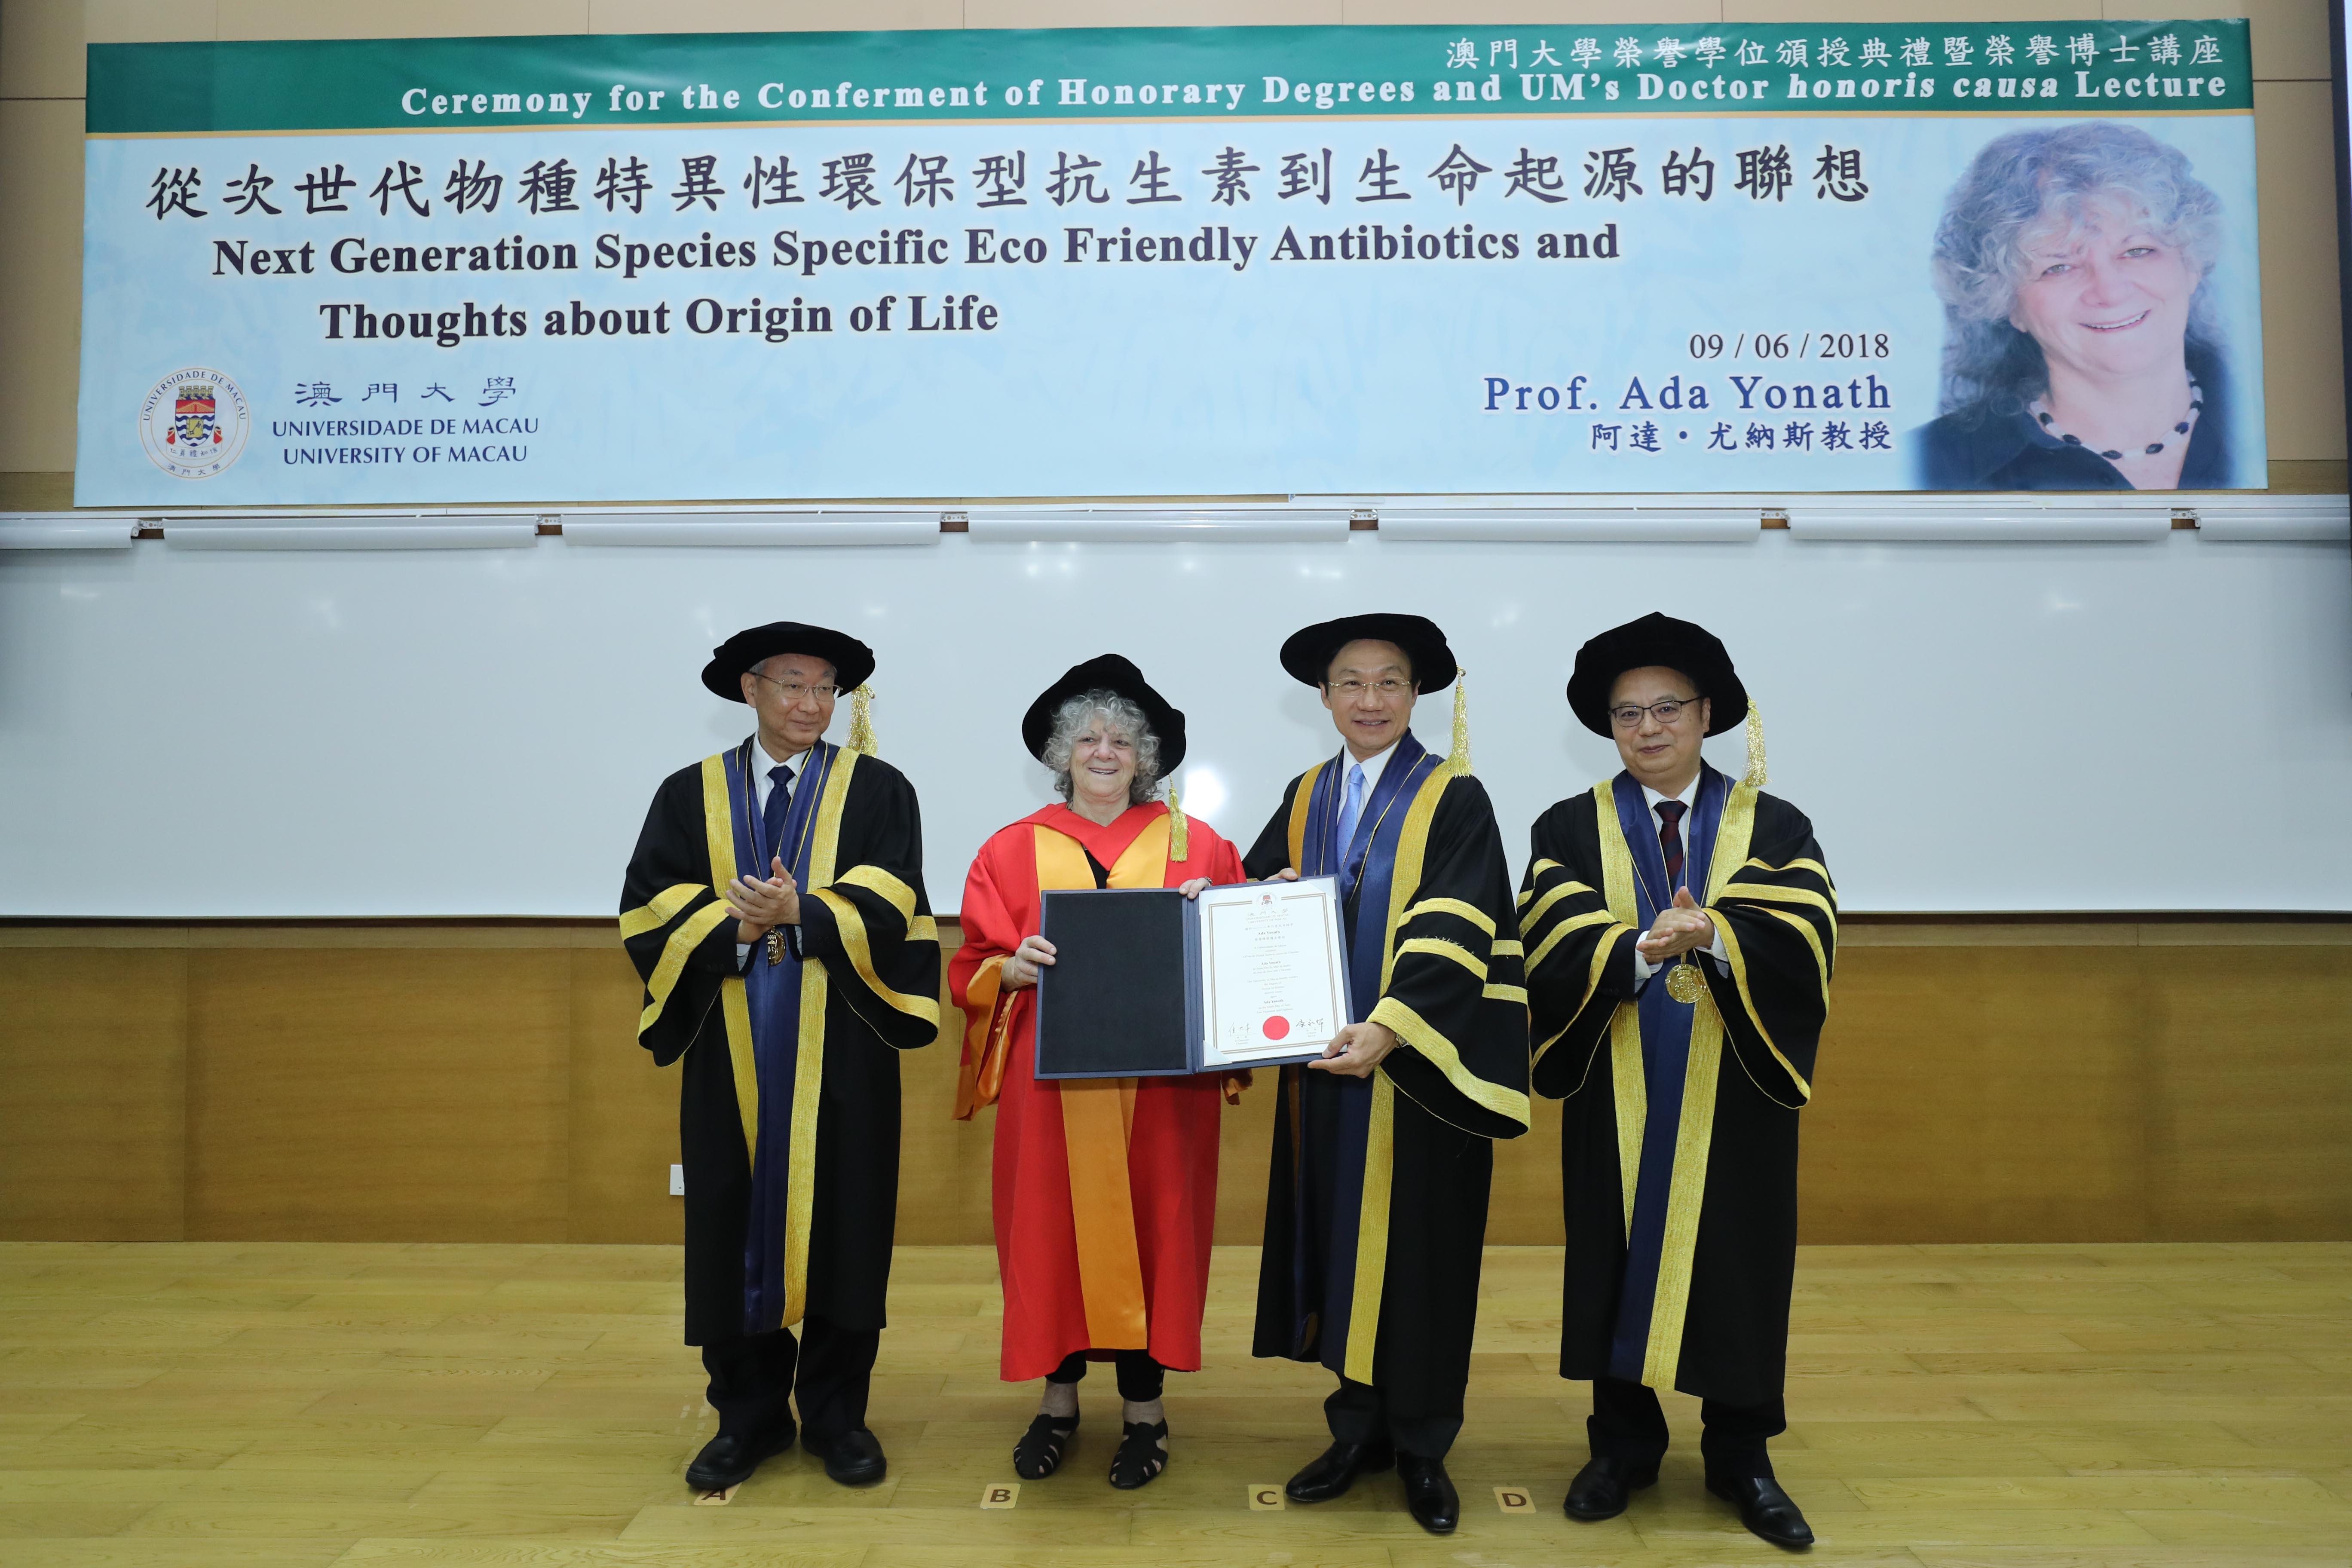 澳大向尤納斯頒授澳大榮譽博士學位